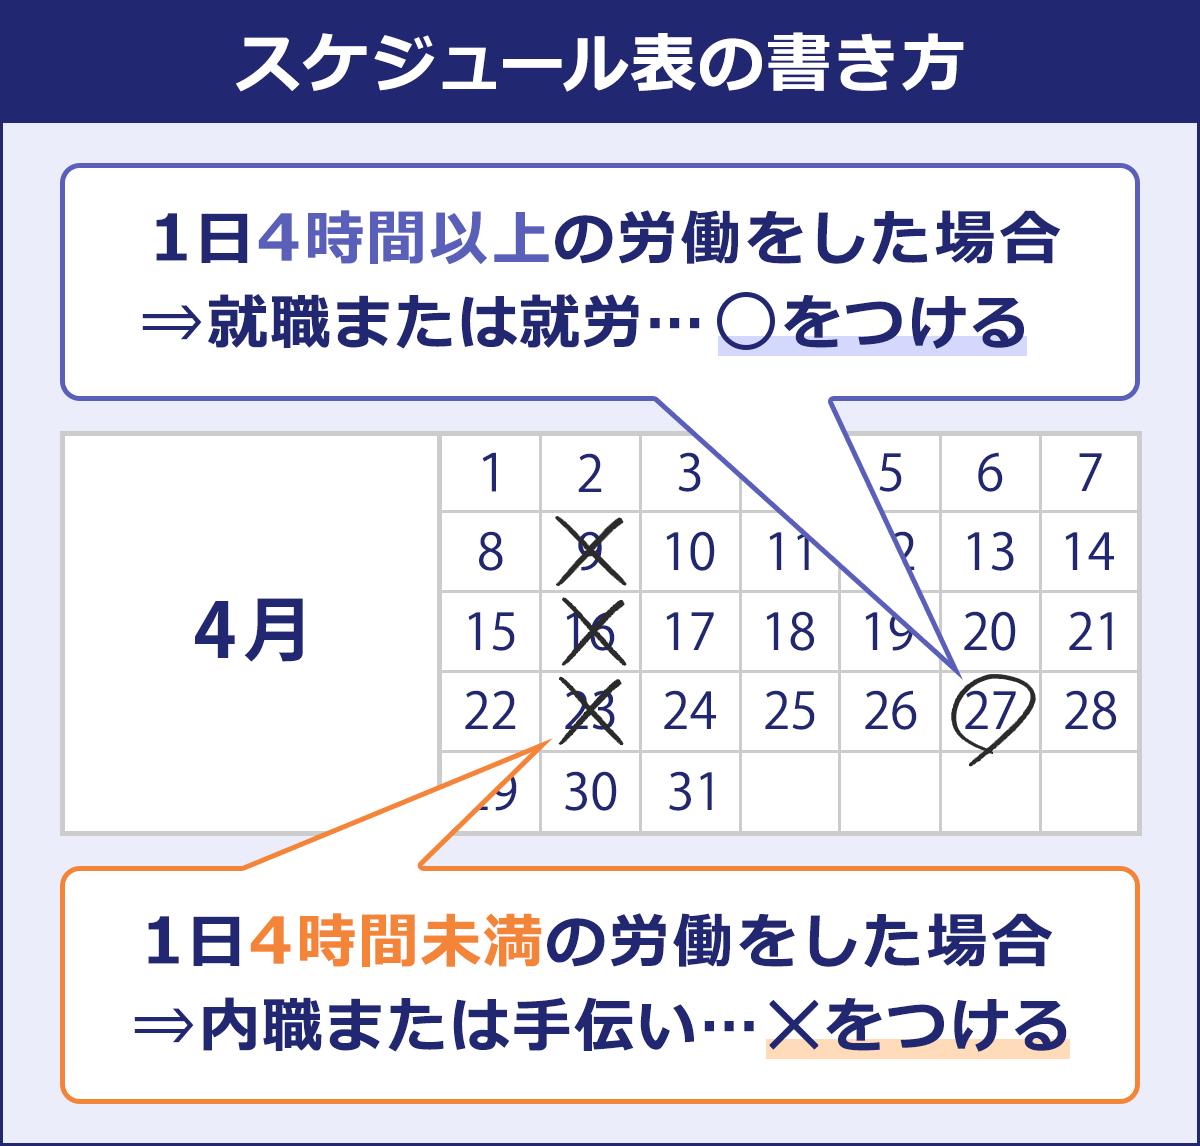 【スケジュール表の書き方】 1日4時間以上の労働をした場合、就職または就労となり、○を付ける/1日4時間未満の労働をした場合、内職又は手伝いとなり、×を付ける